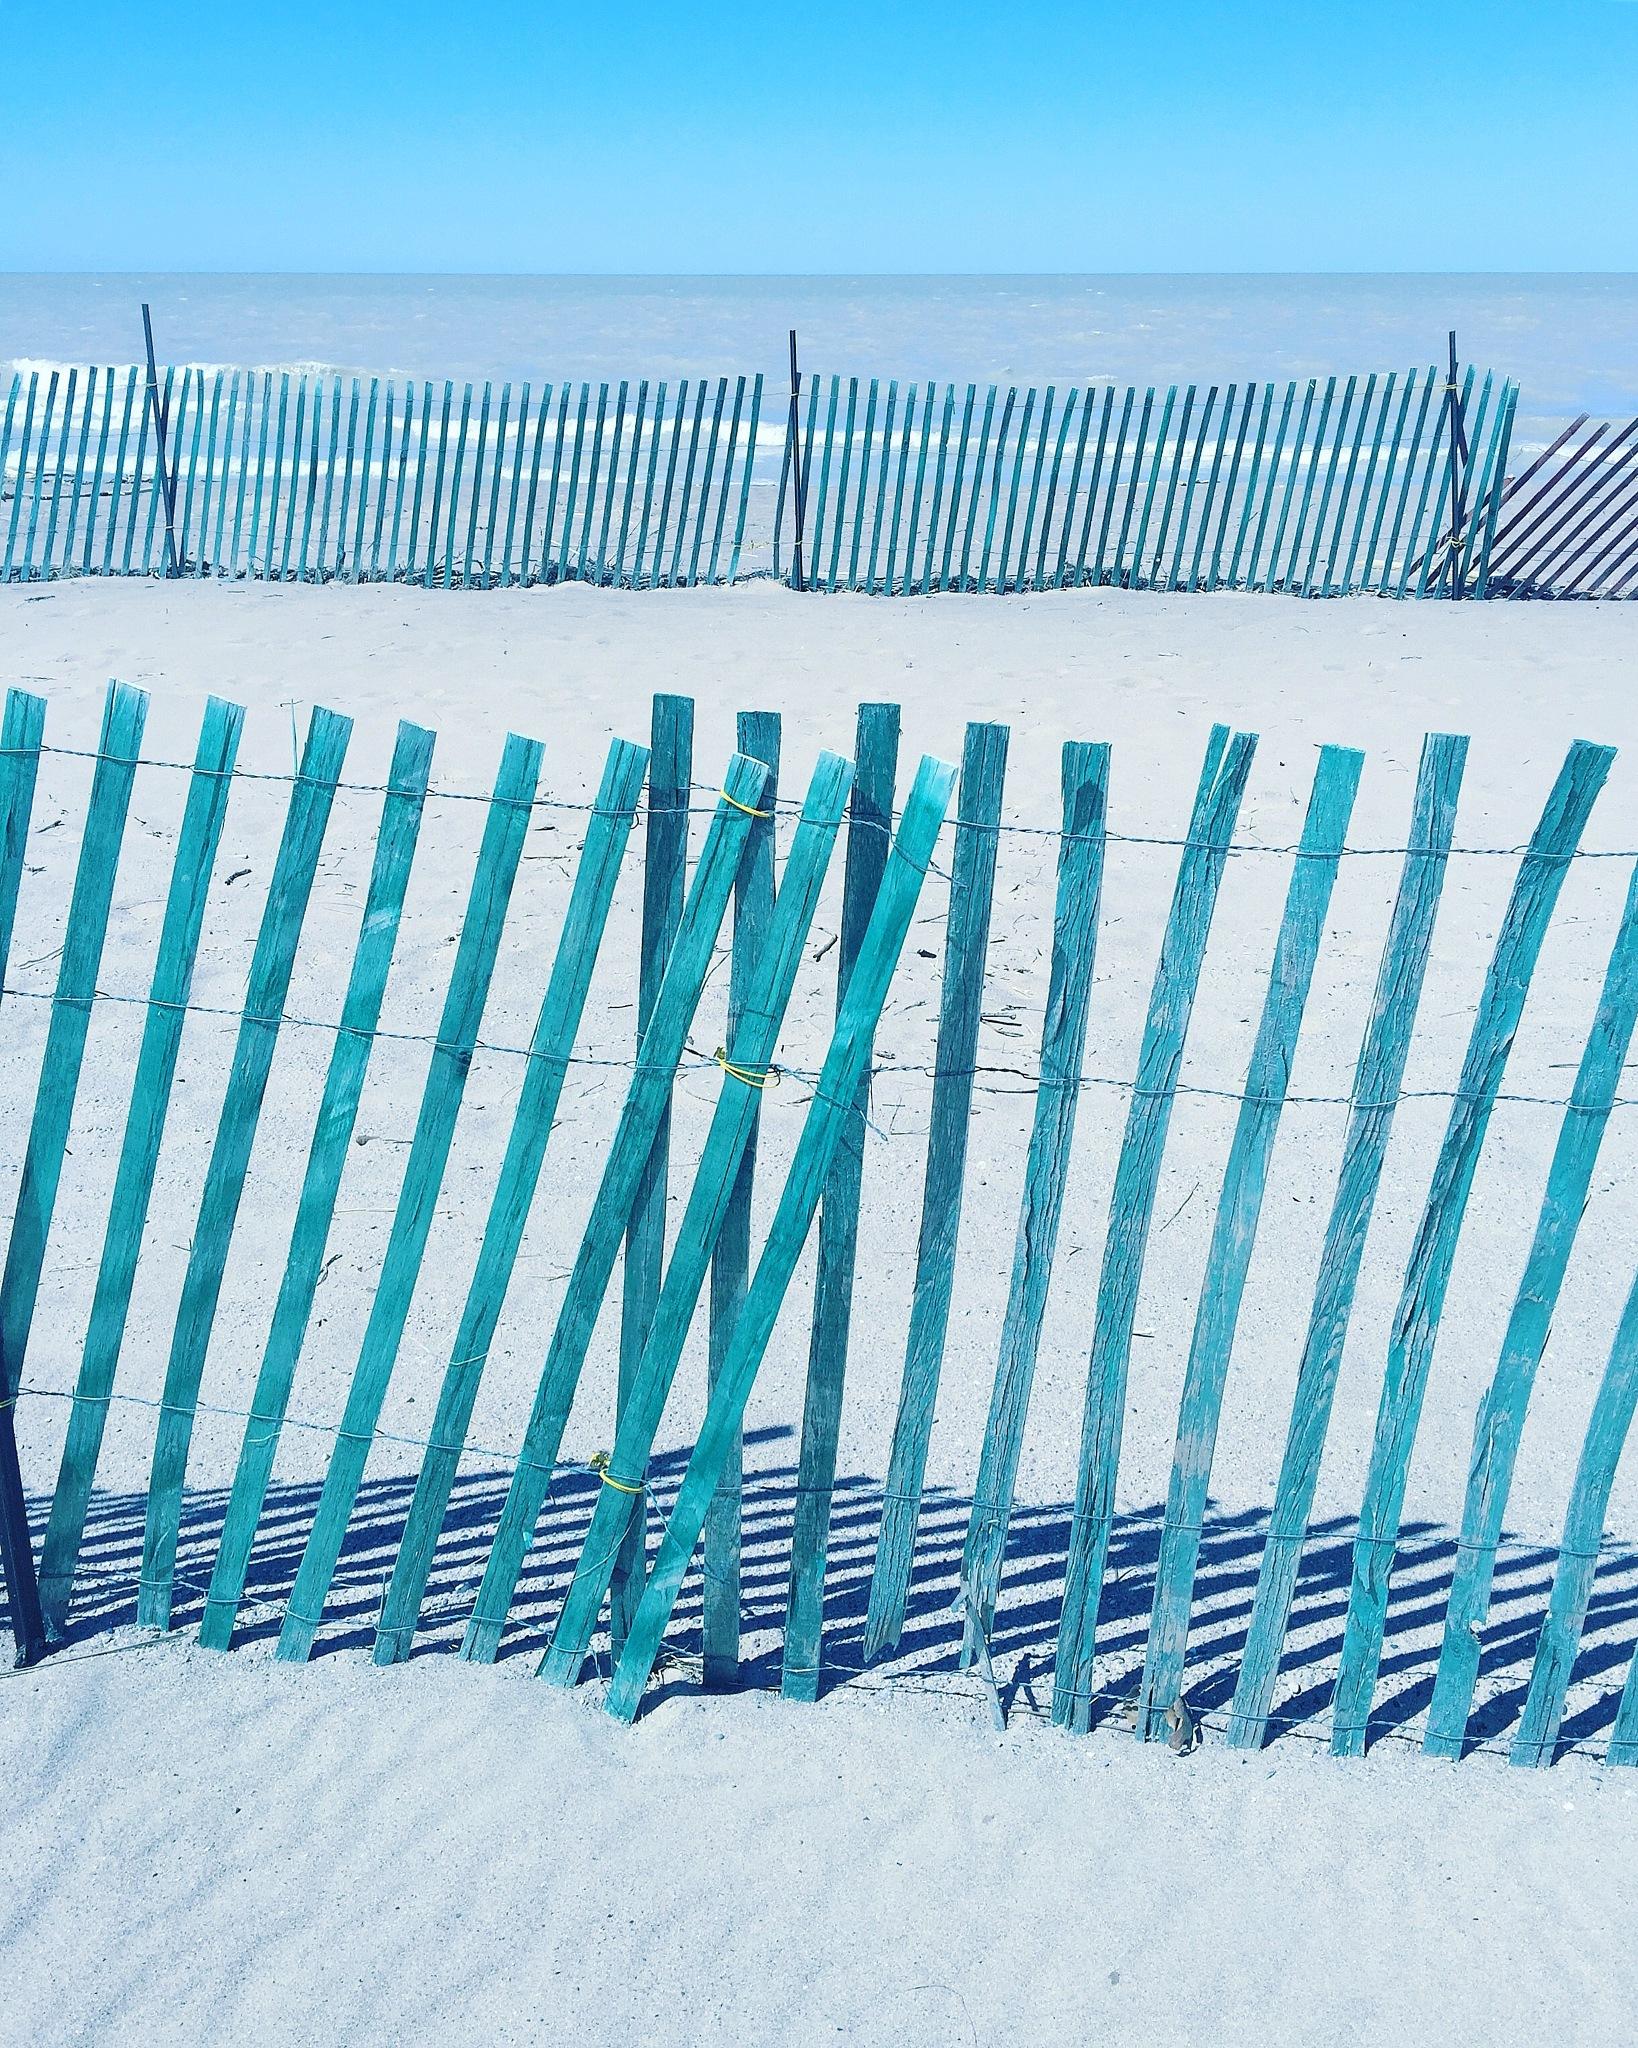 Winter Remnants by Rene V. Steiner